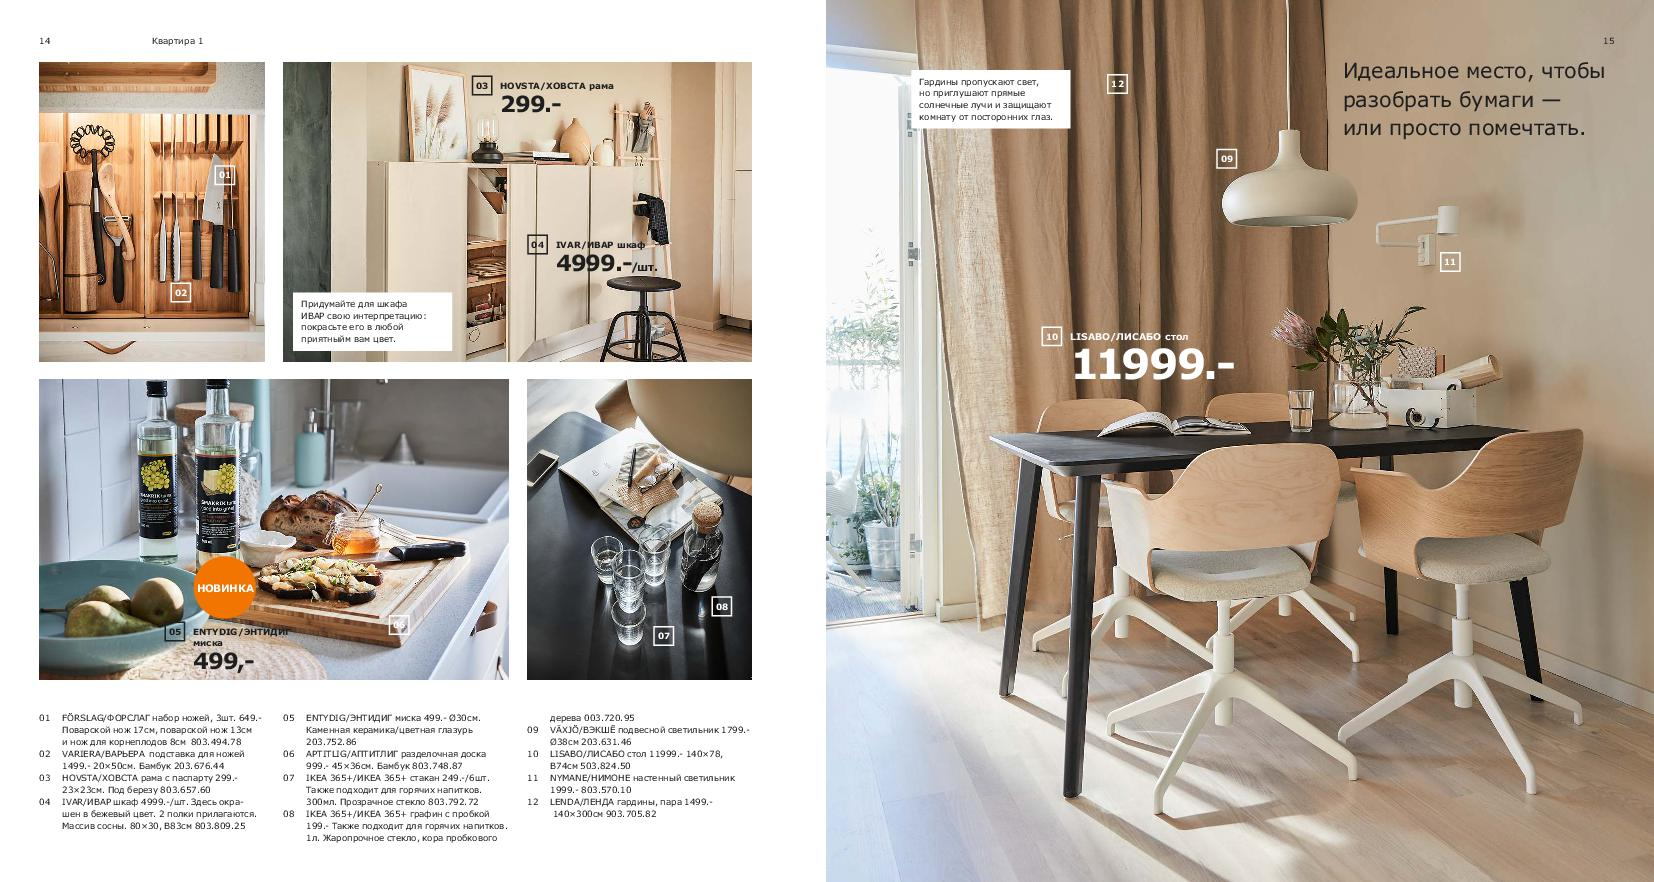 IKEA_catalogue_2019-08